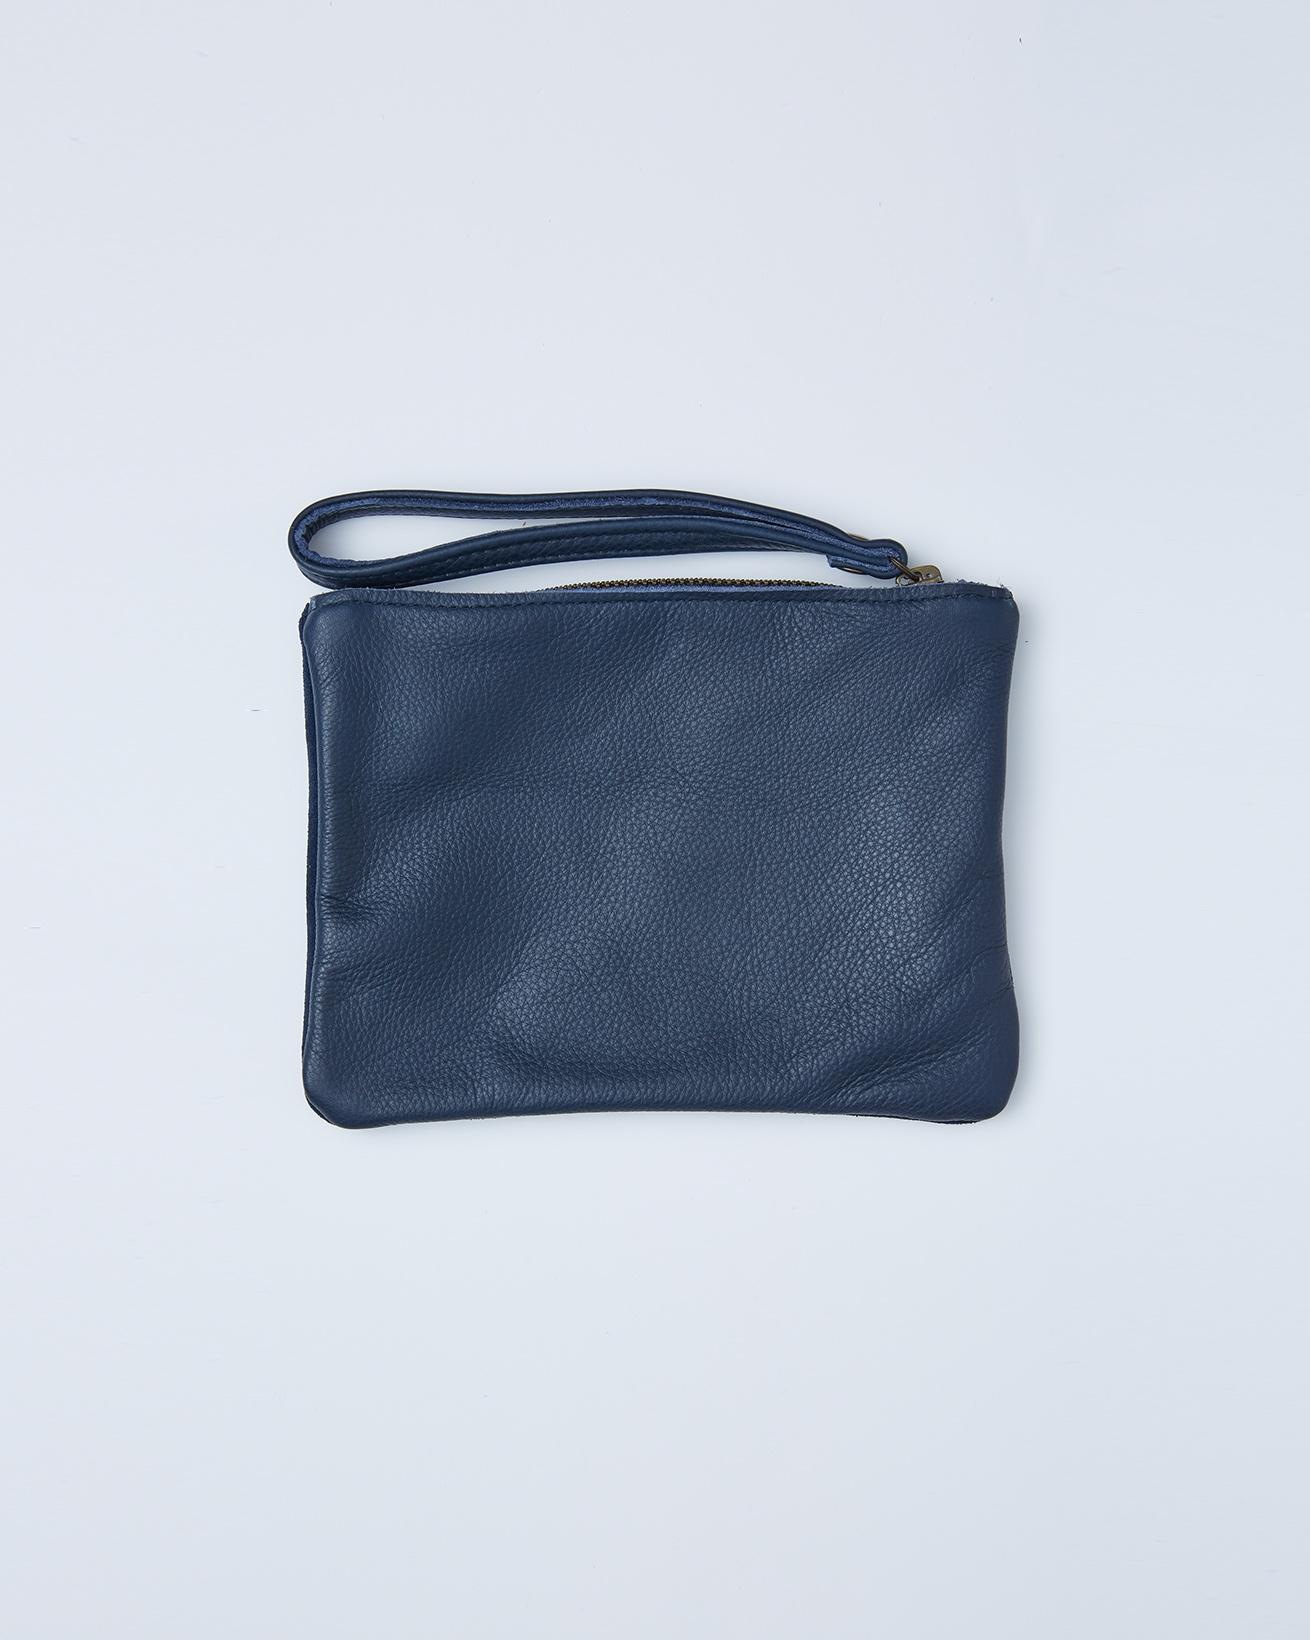 Small Clutch Bag Tidy- One/Size -  Dark Navy - 2418